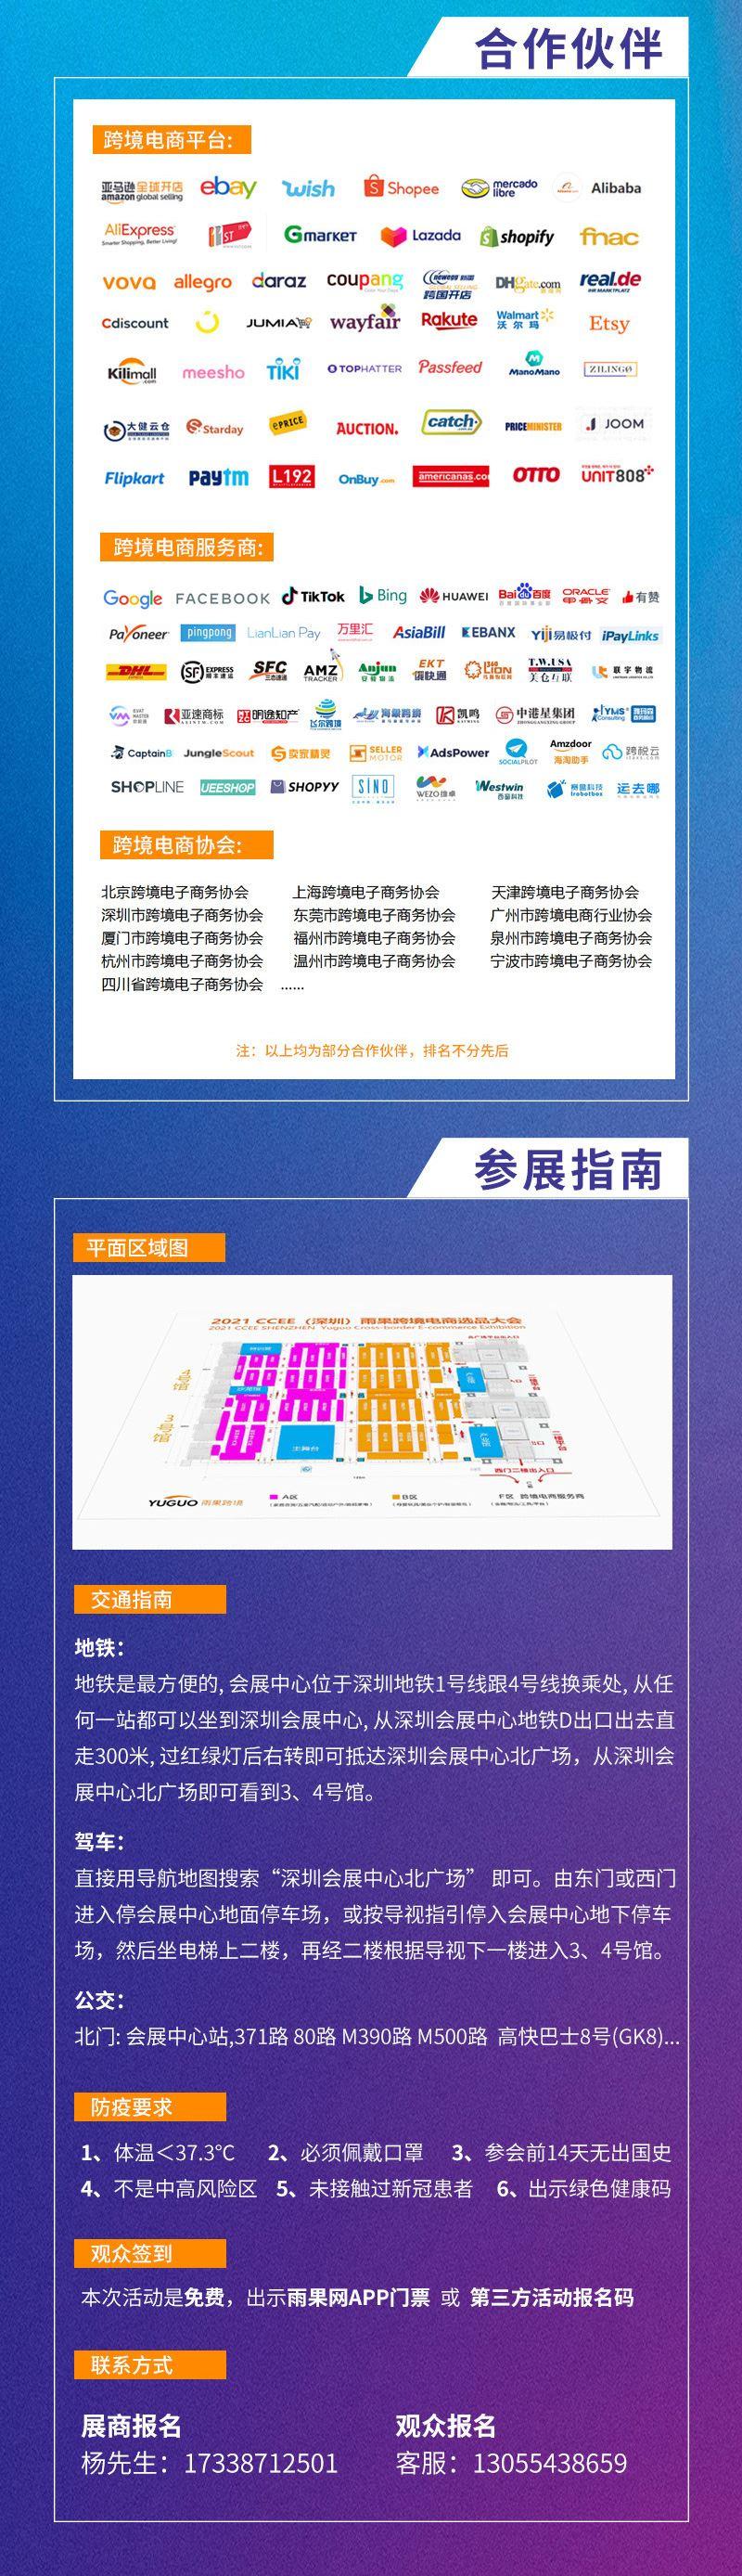 2021深圳CCEE-活动行_03.jpg